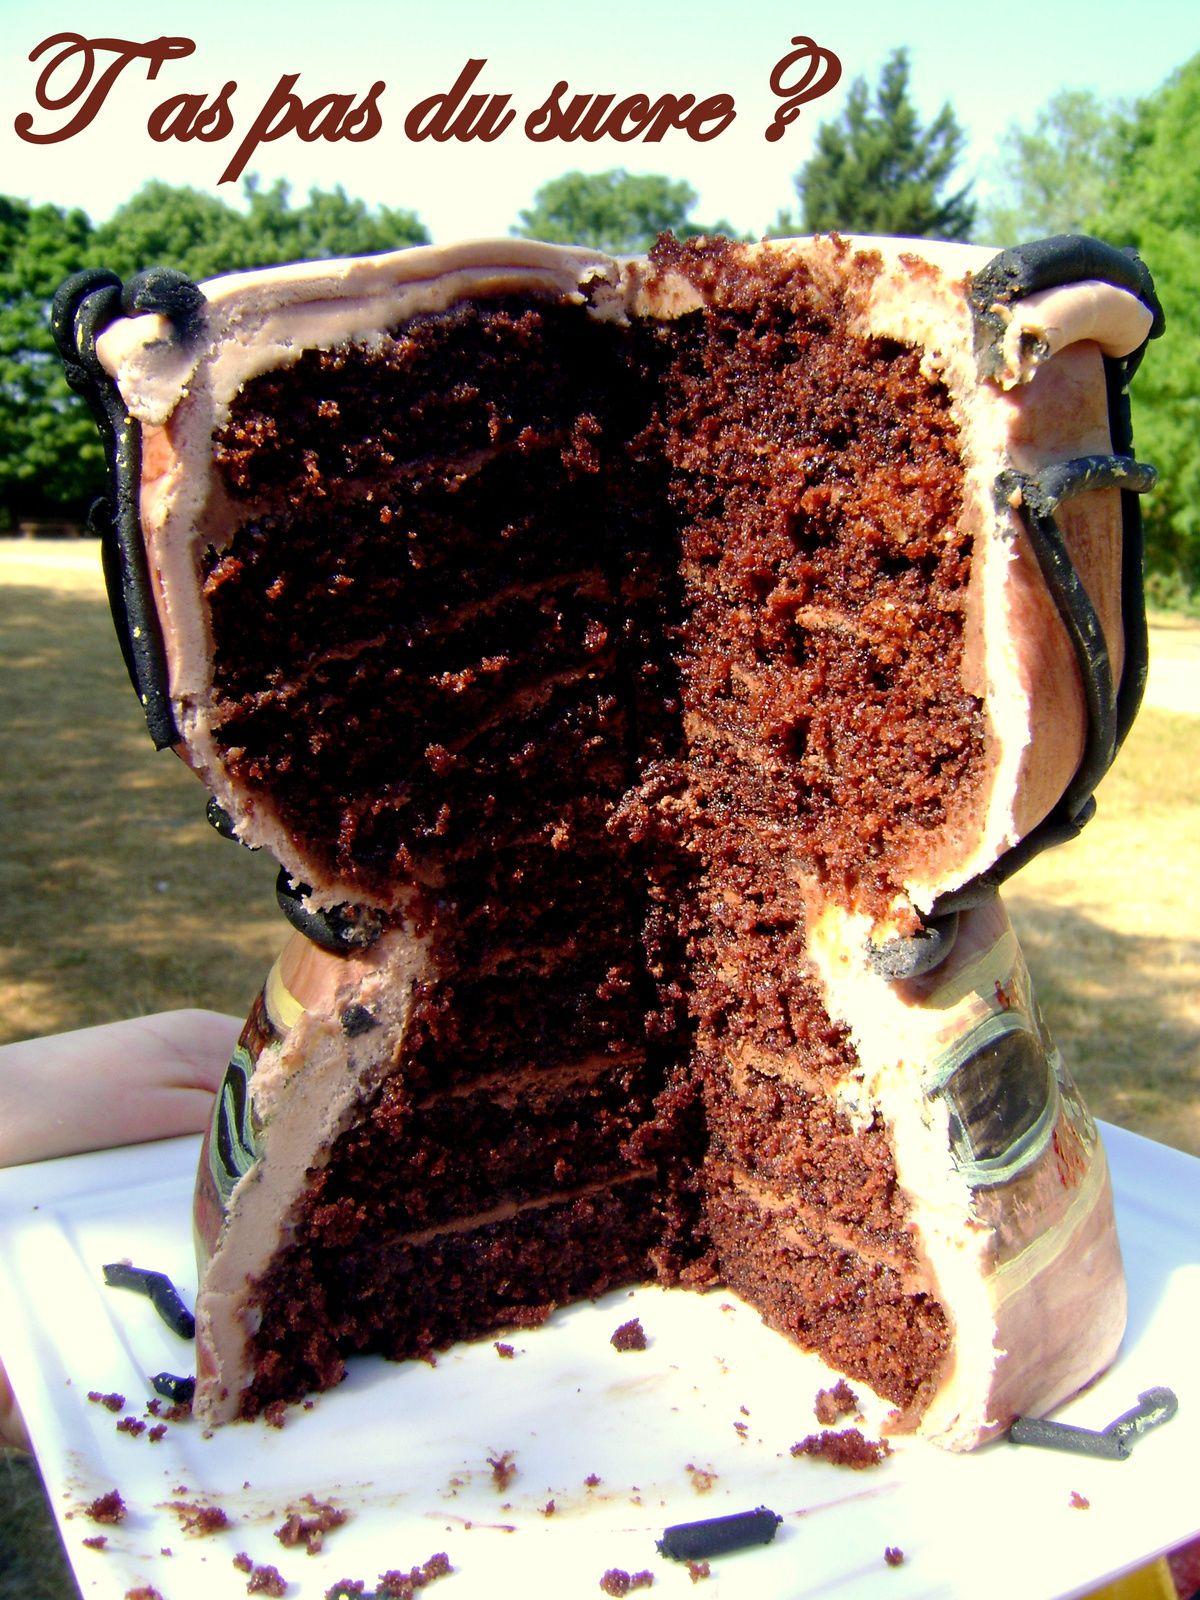 Gâteau Tam-tam (djembé)